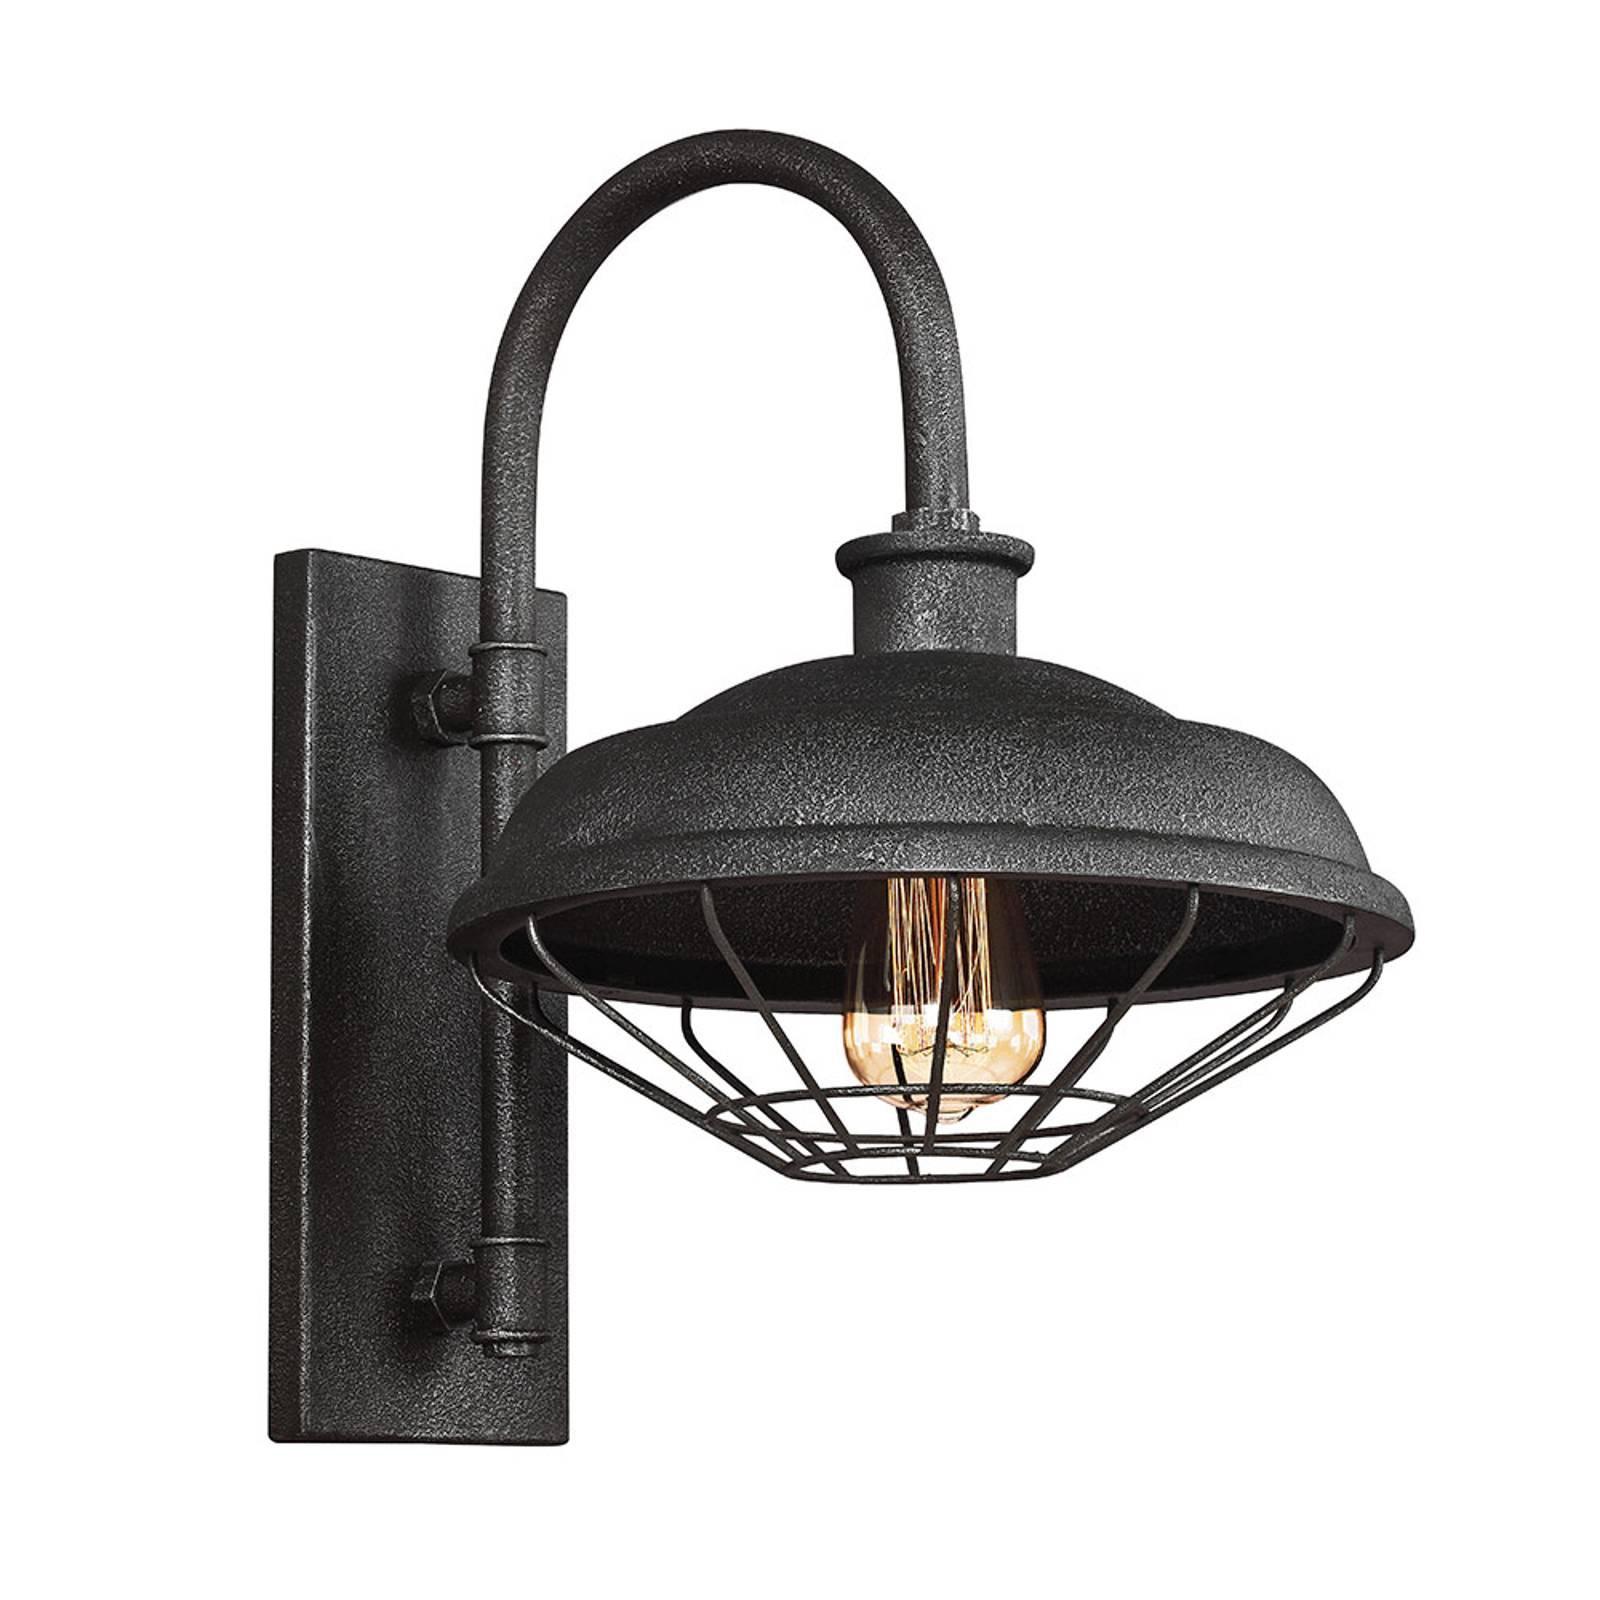 Vegglampe Lennex i industriell stil